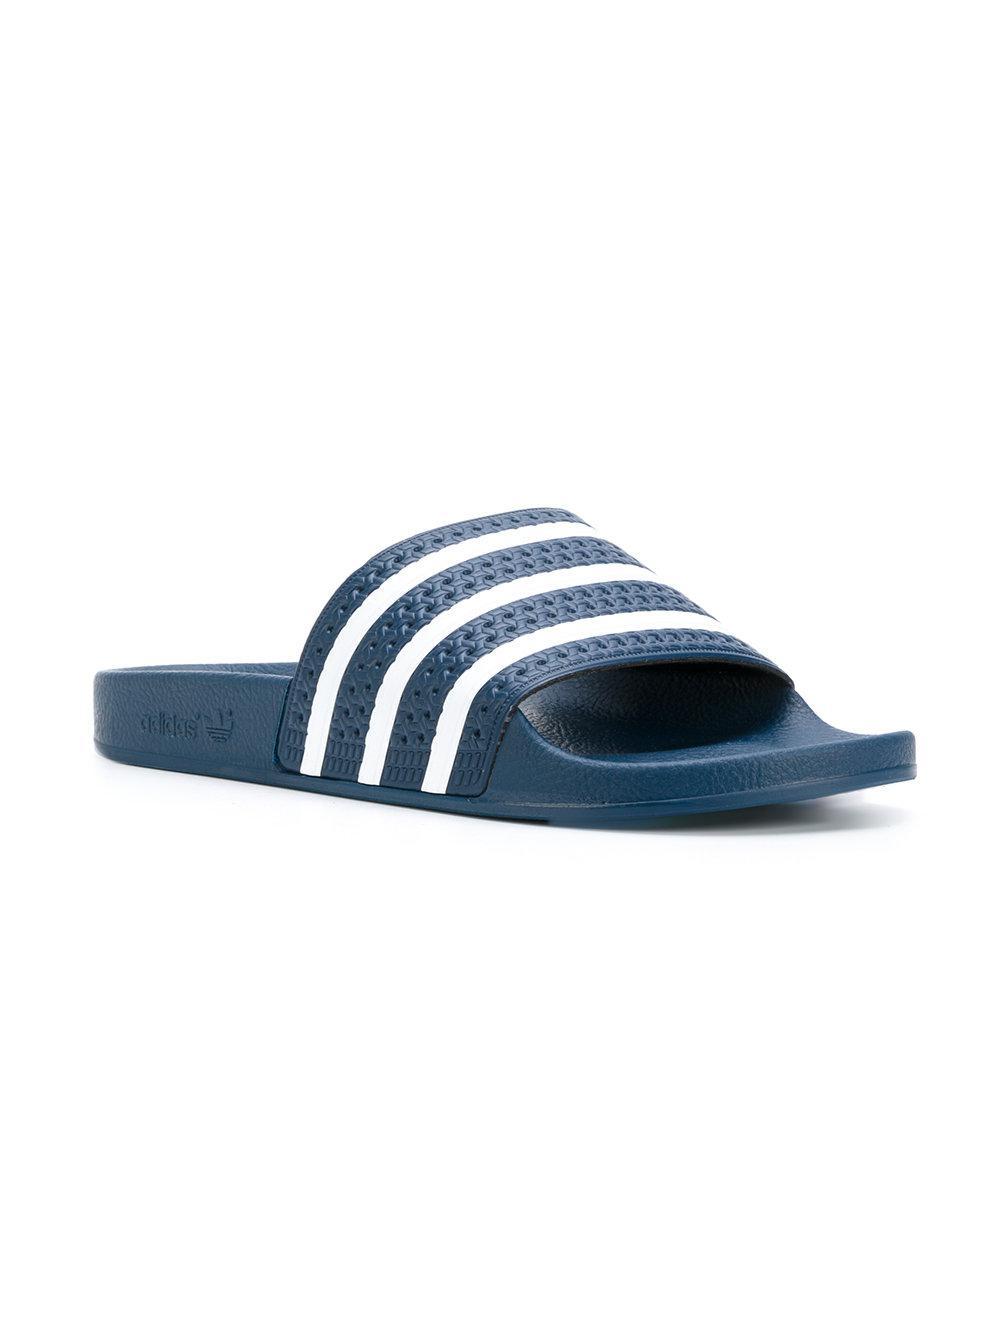 cheap for discount be1df 308d1 Lyst - Claquettes Adilette adidas pour homme en coloris Bleu